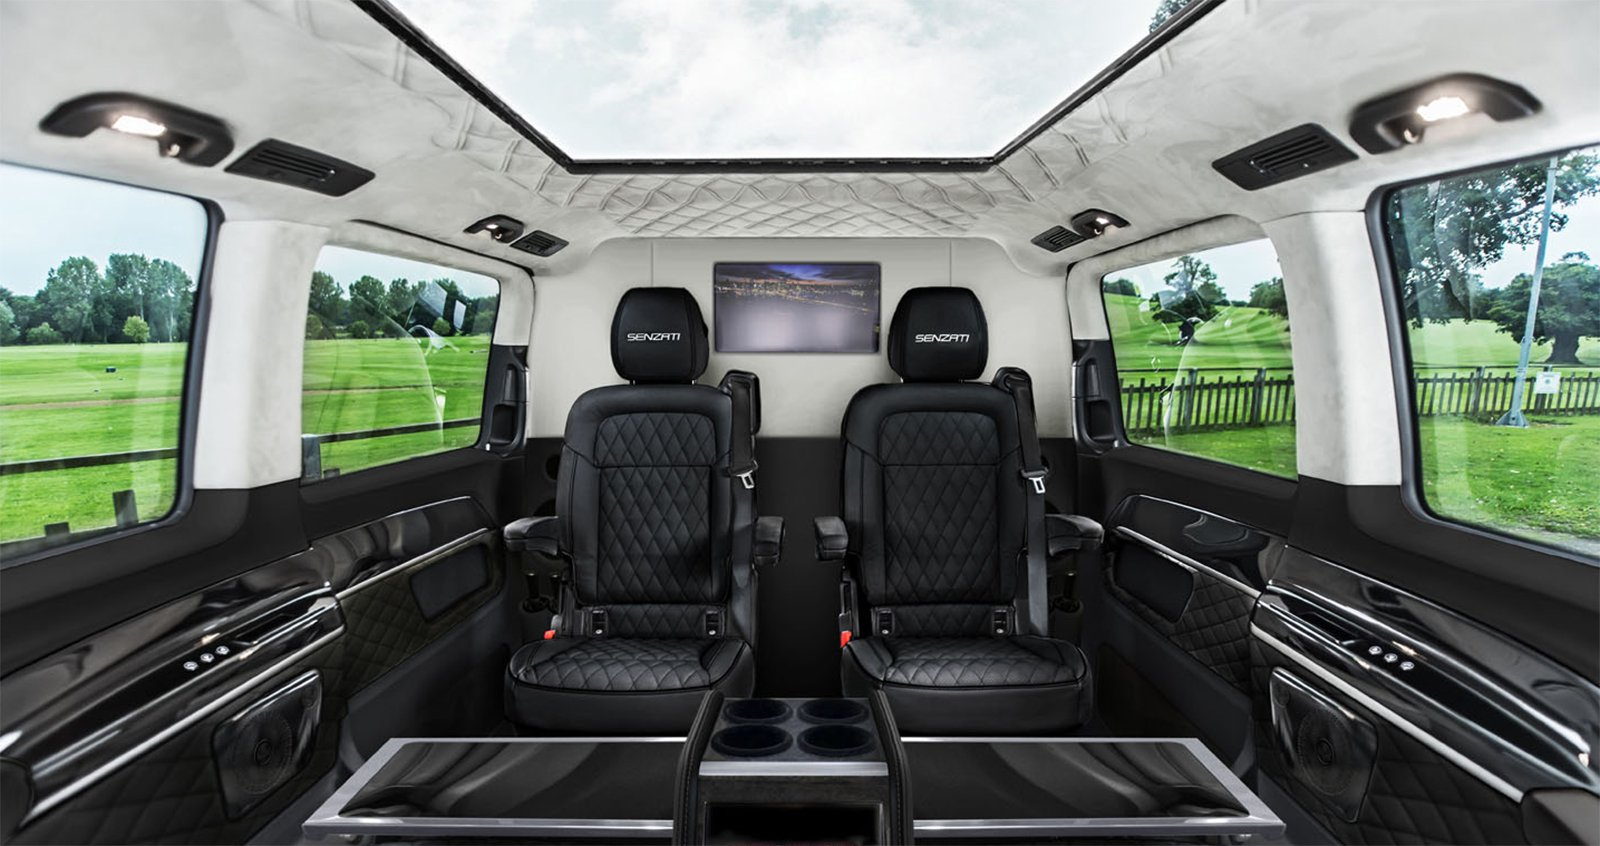 Senzati Jet Sprinter går att få i flera olika interiörfärger. Här ser du den i svart med mellanvägg fram till chauffören.